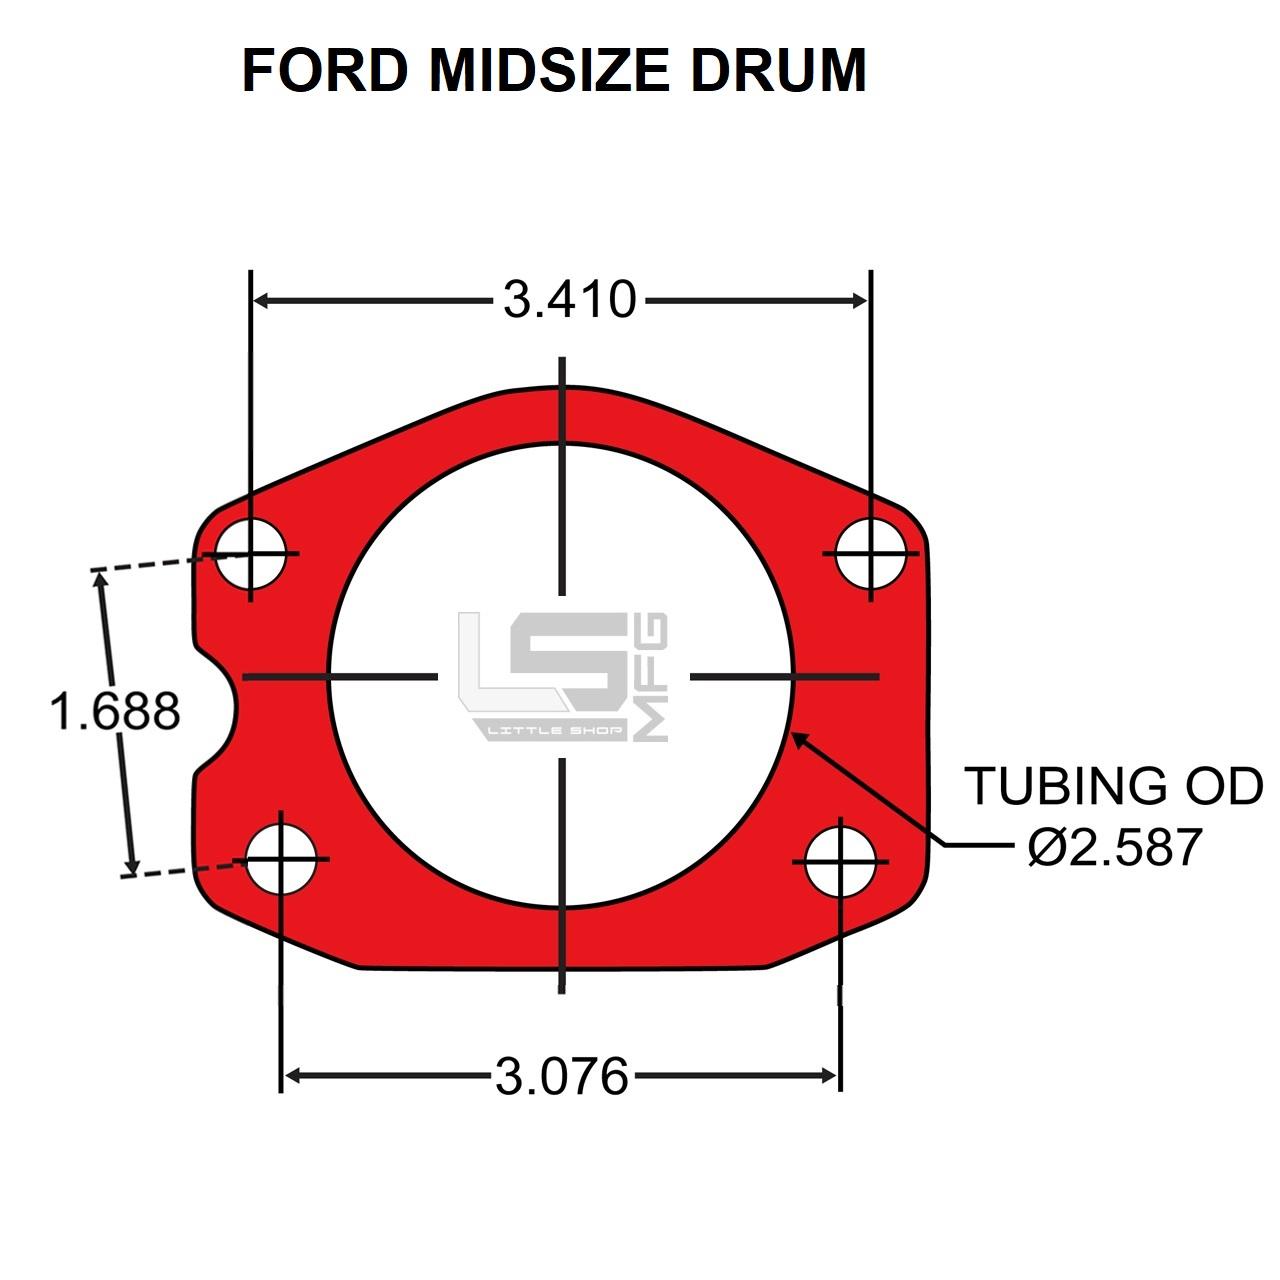 ford-mid-drum.jpg